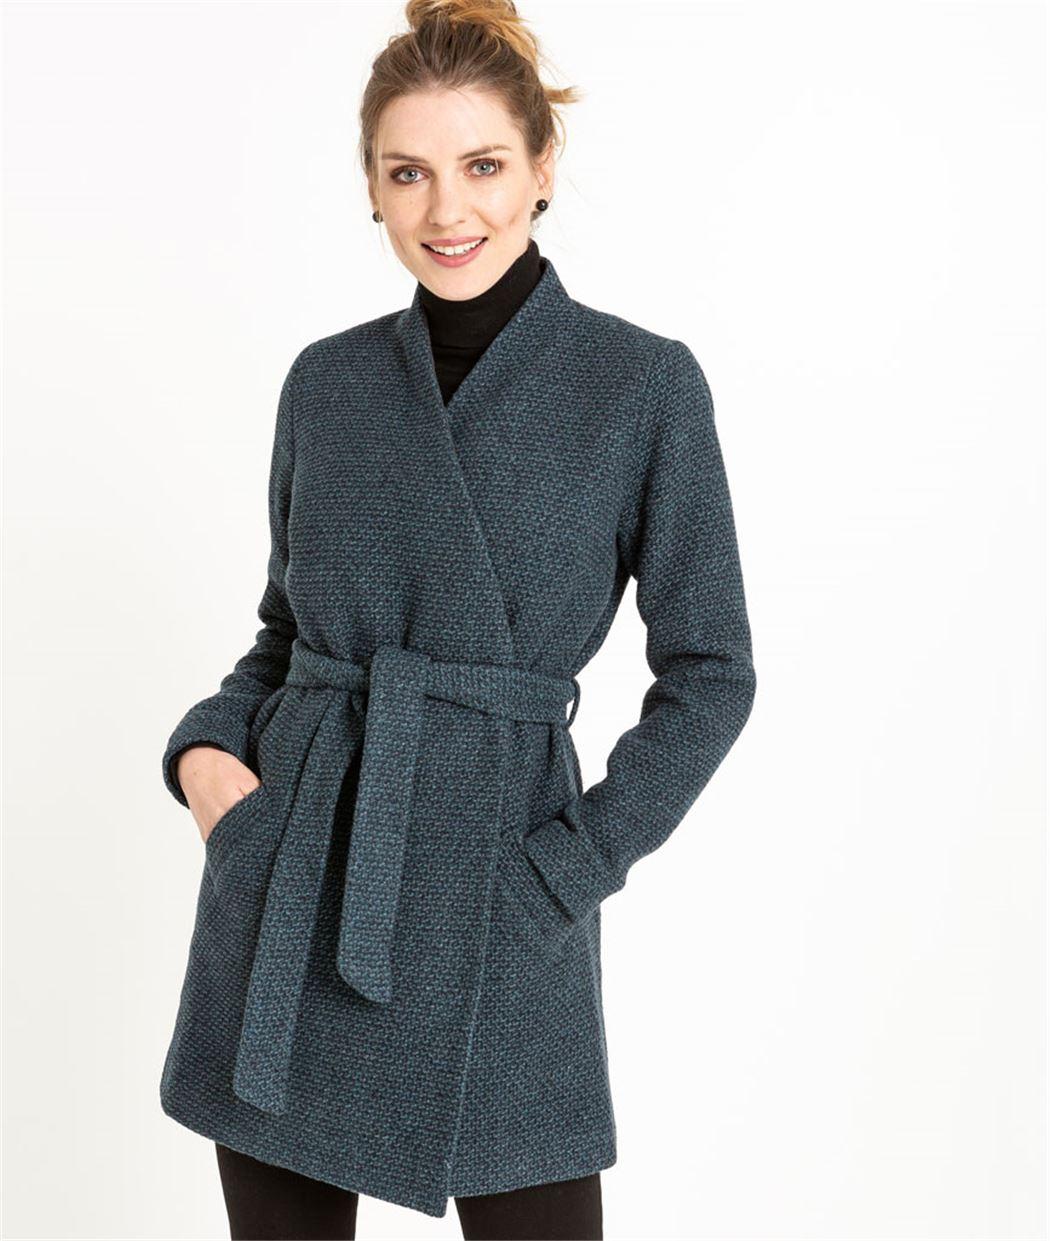 Manteau femme avec ceinture VERONEZE